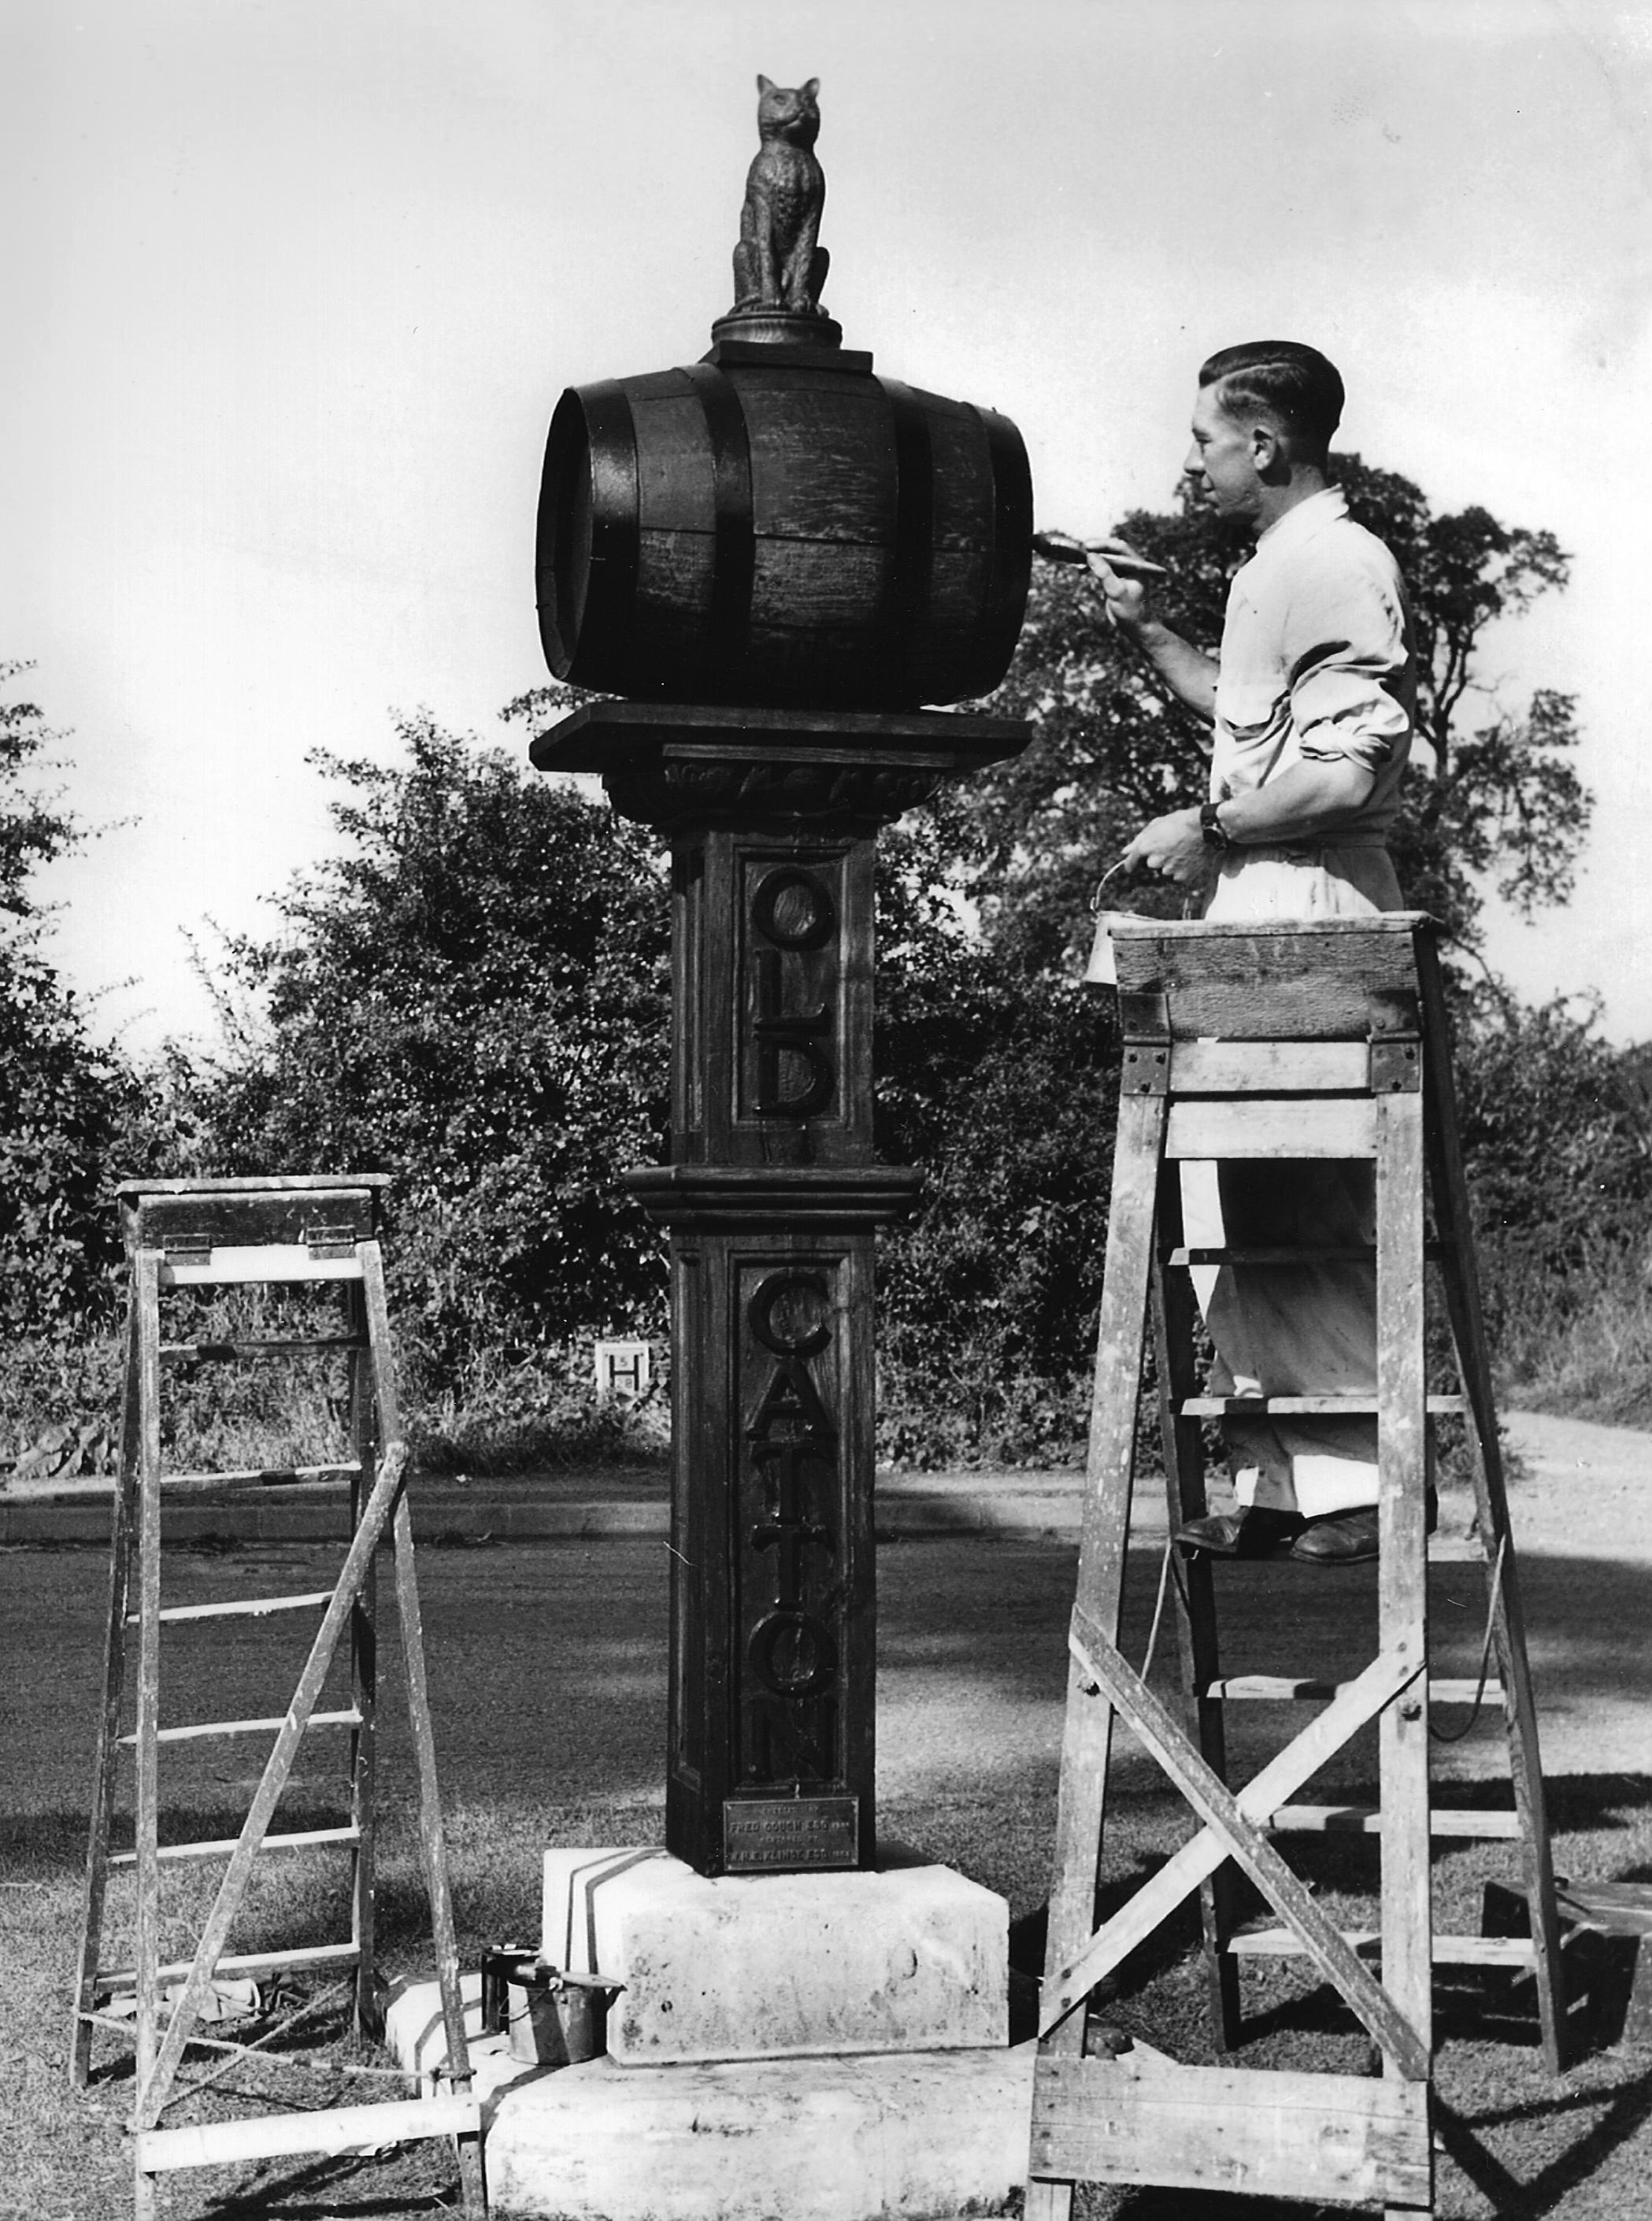 J. Wells repairs 1954